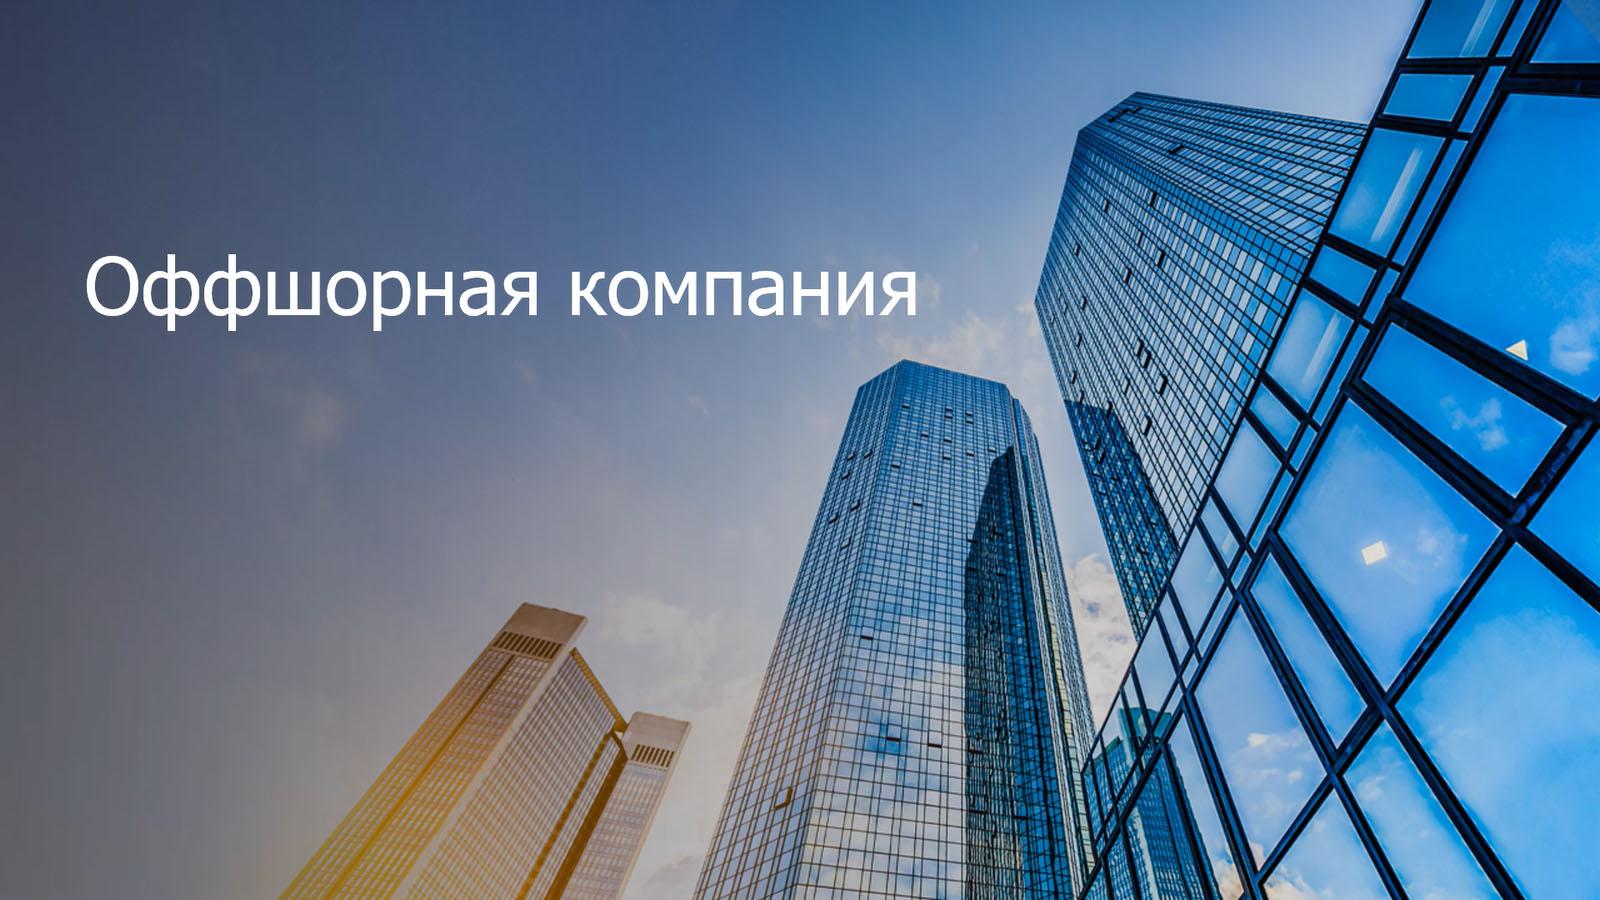 Оффшорная компания